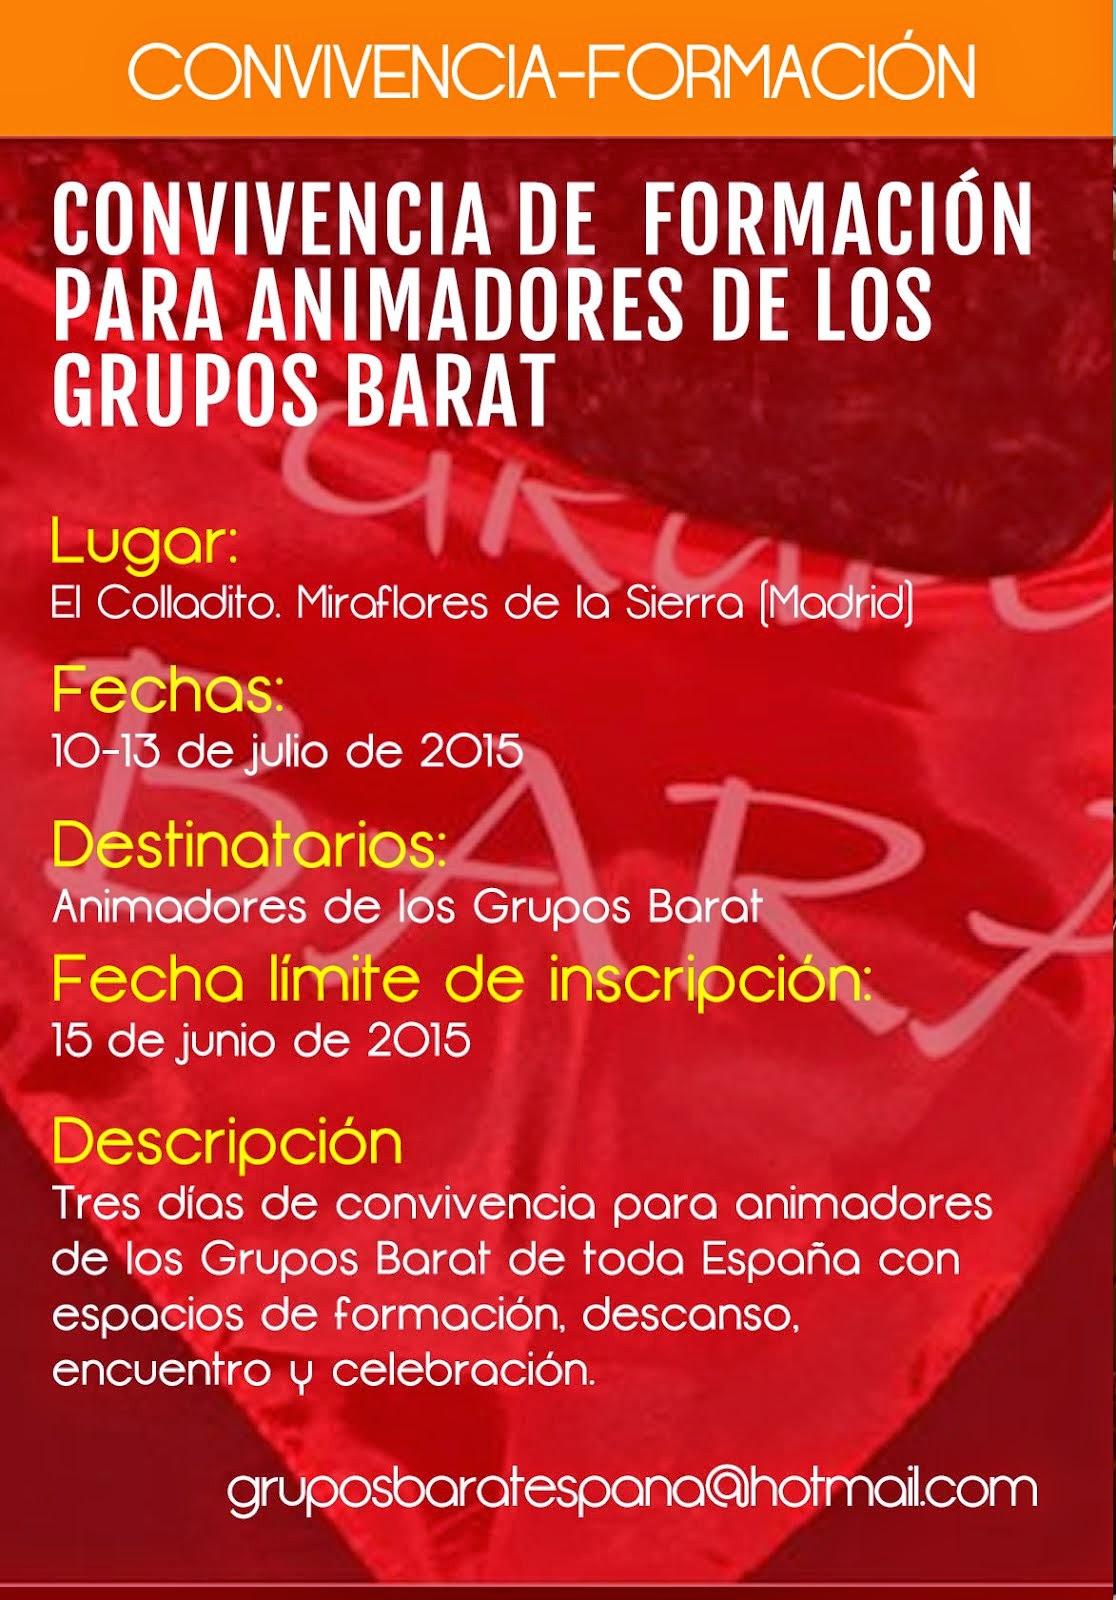 CONVIVENCIA-FORMACIÓN PARA ANIMADORES DE GRUPOS BARAT